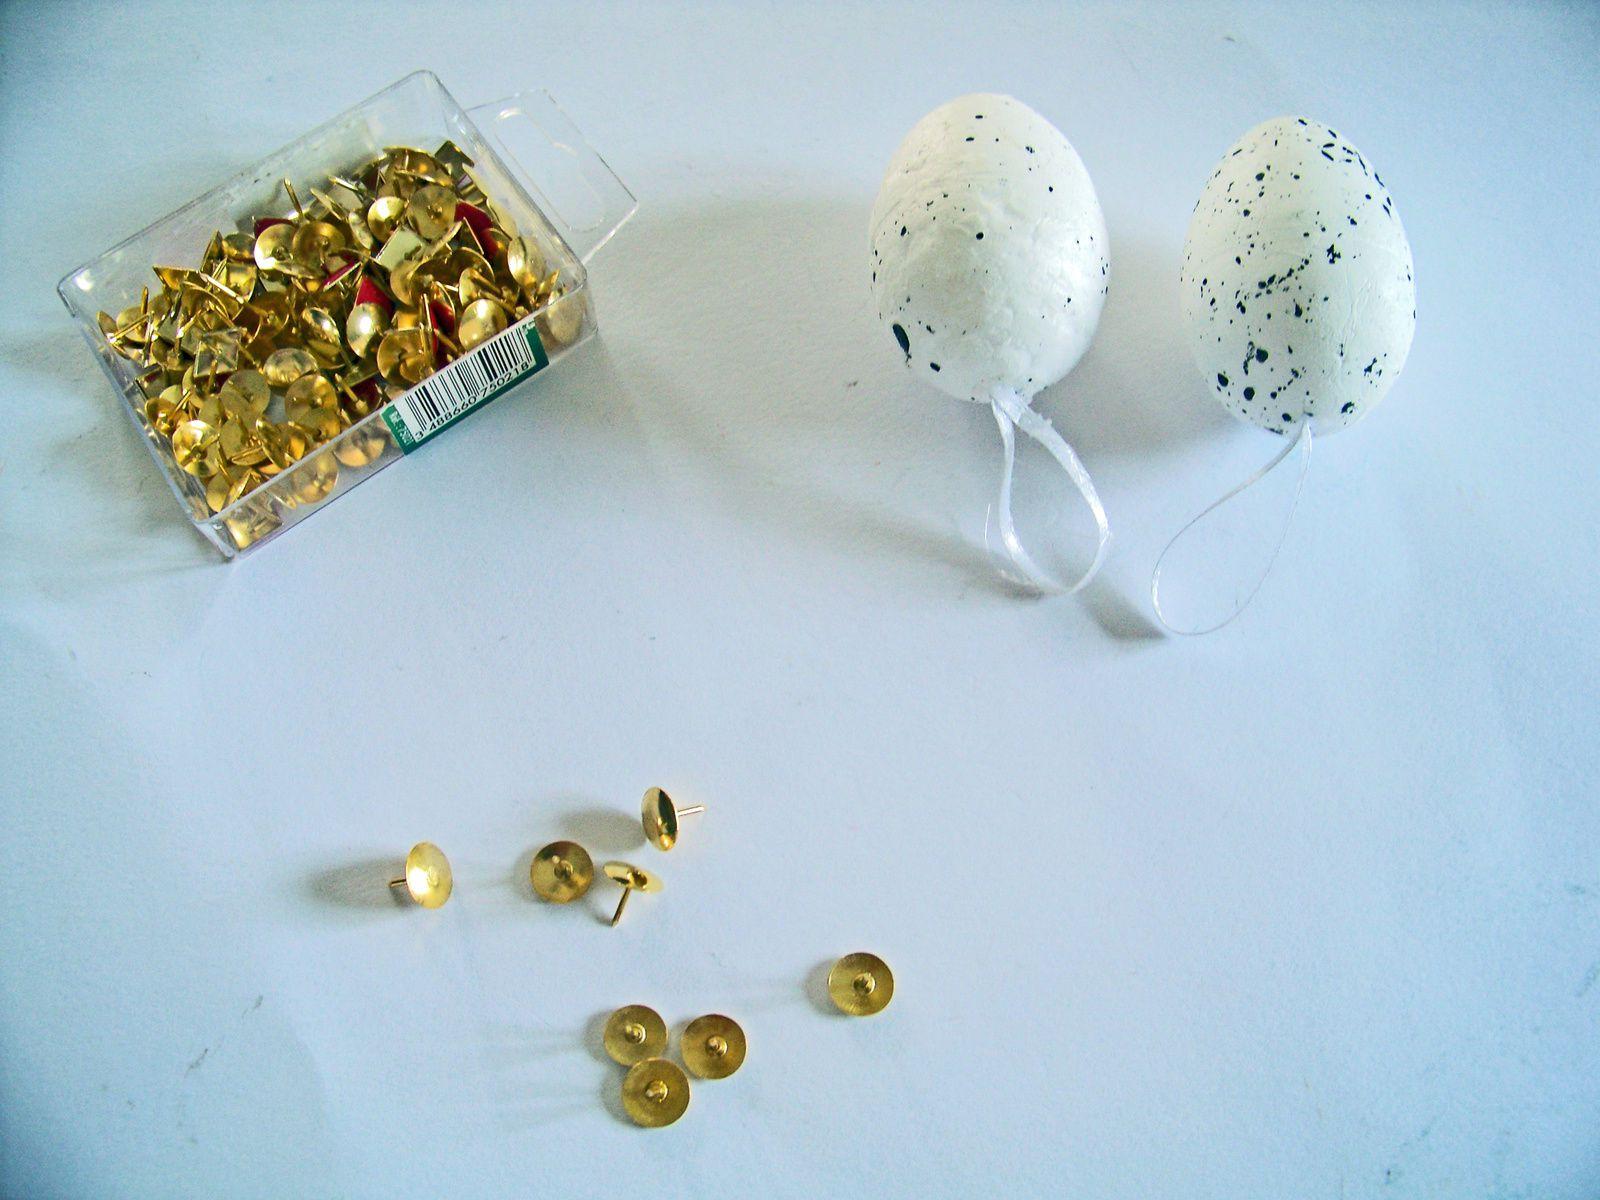 Des oeufs métalliques : DIY spécial Pâques